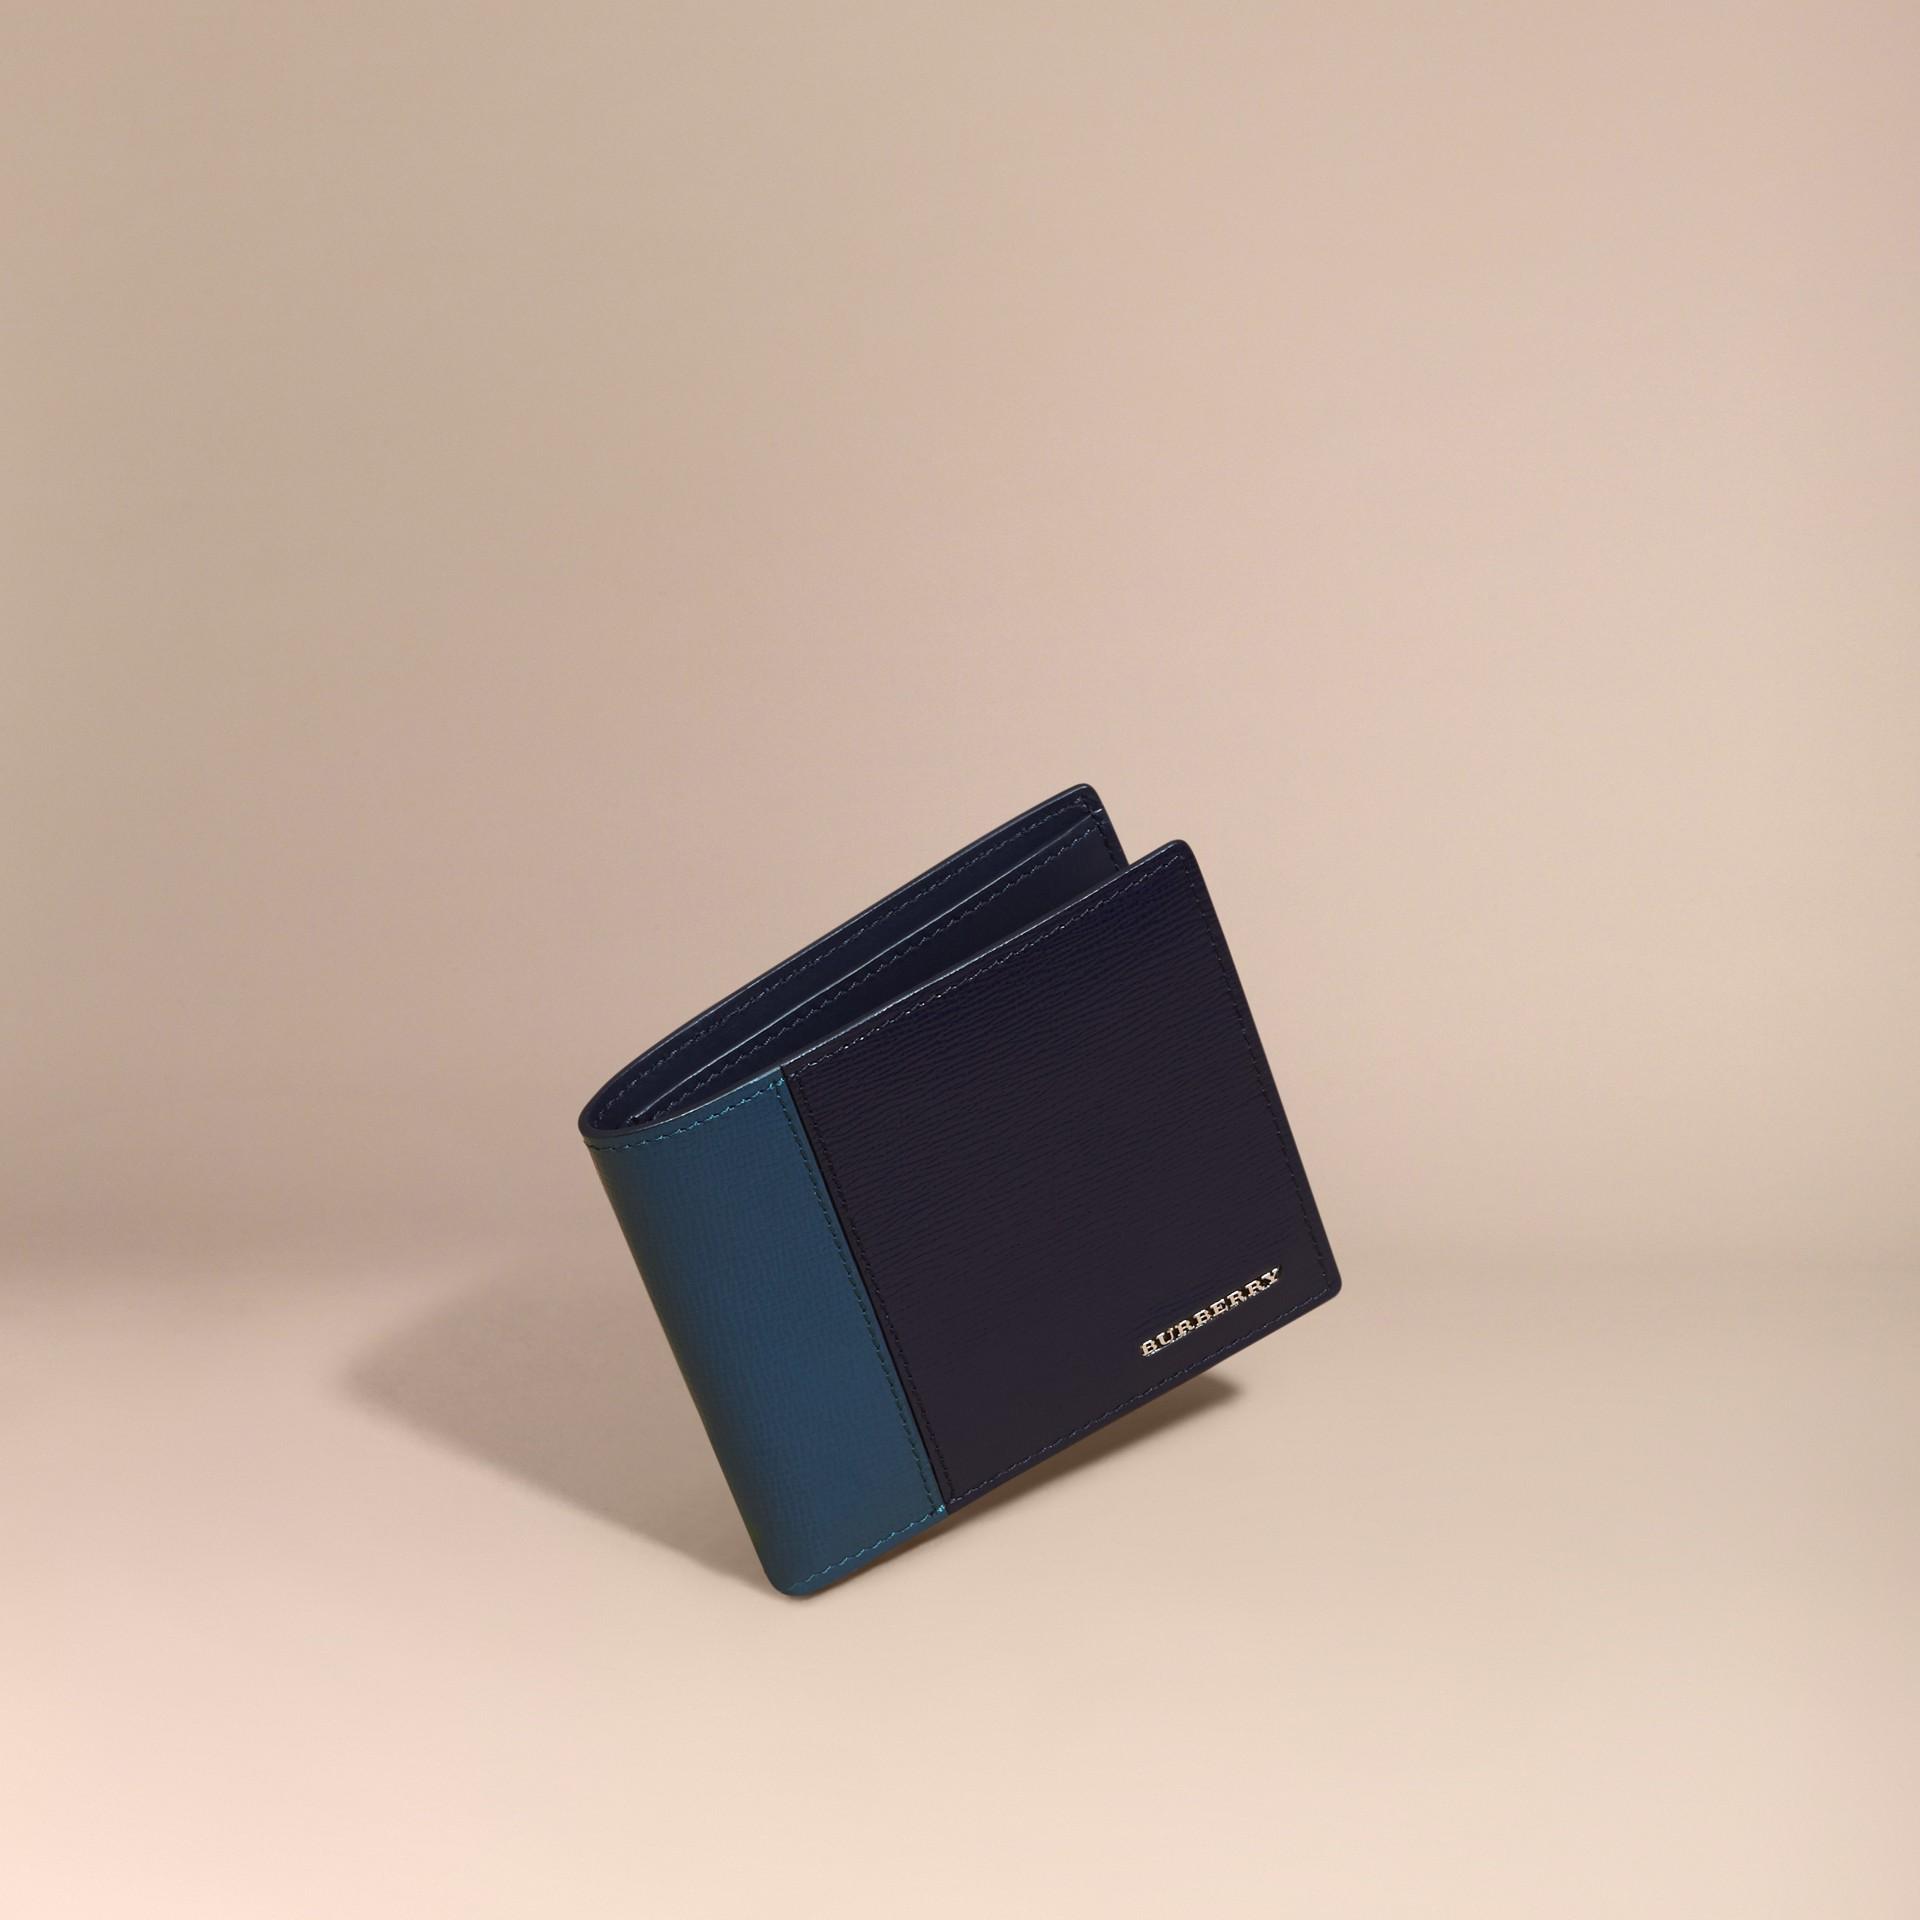 Marine foncé/bleu minéral Portefeuille à rabat en cuir London à empiècements Marine Foncé/bleu Minéral - photo de la galerie 1